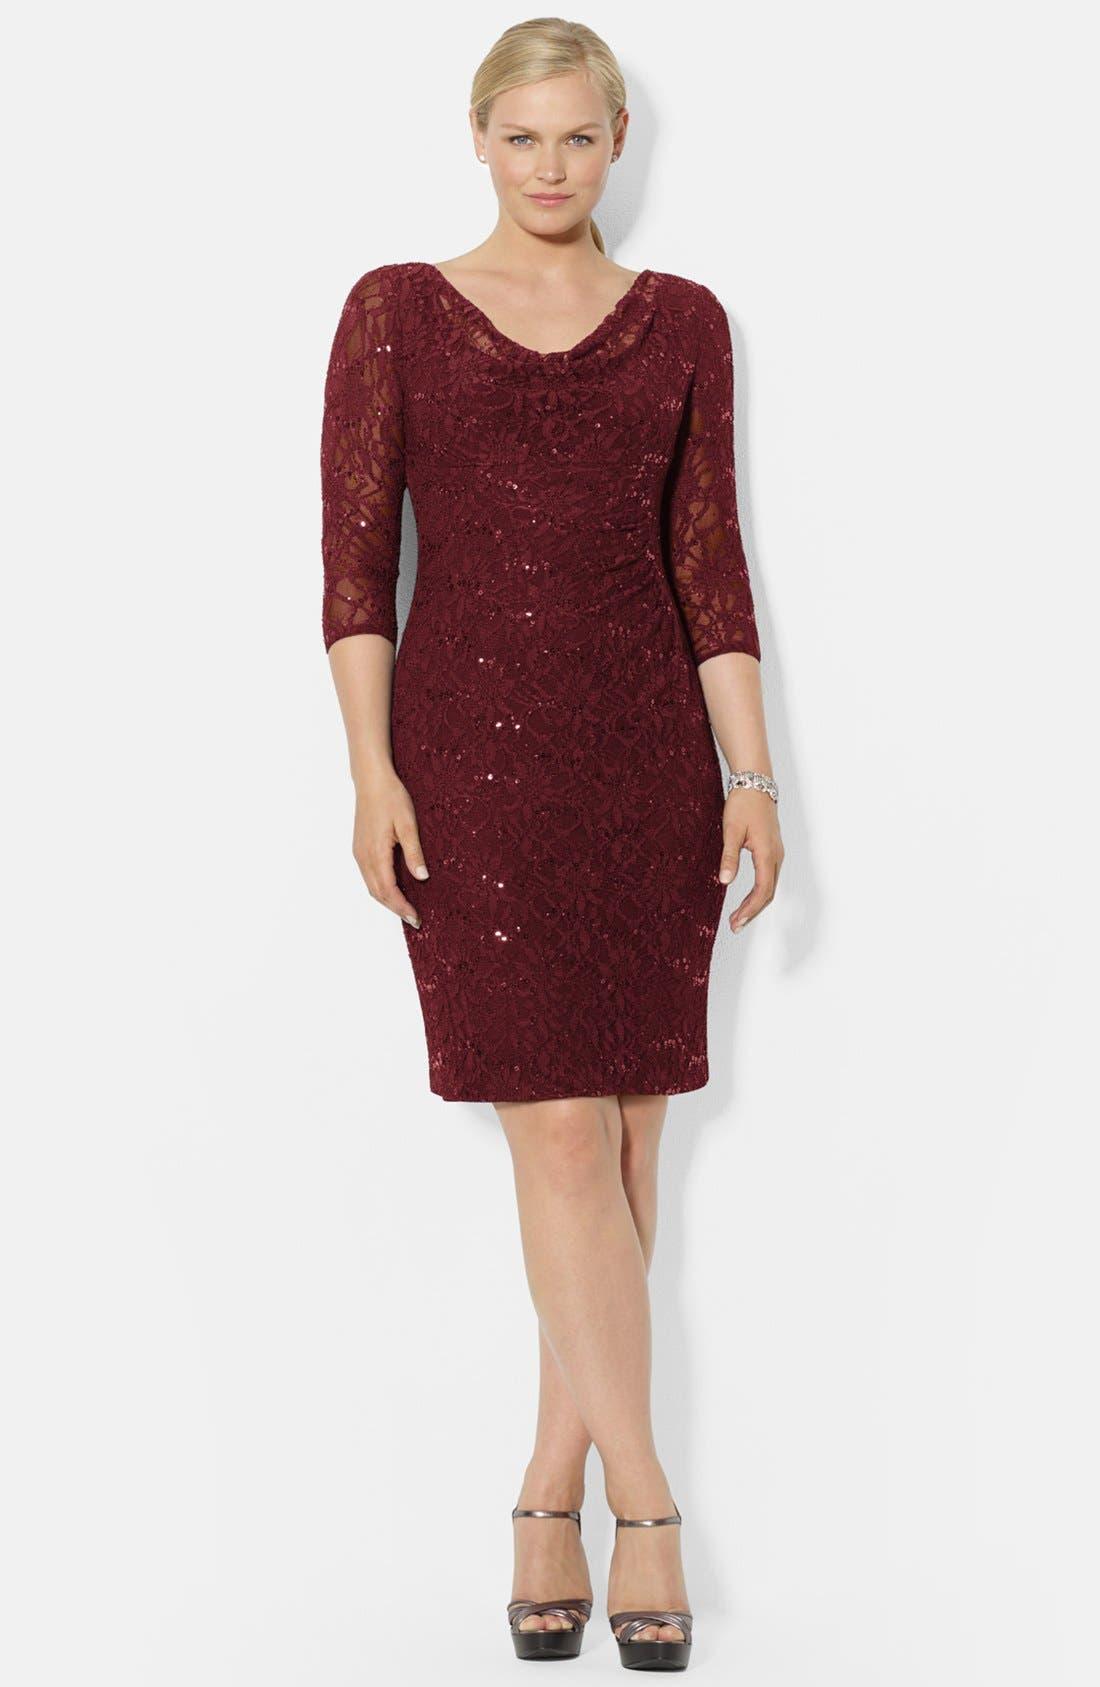 Main Image - Lauren Ralph Lauren Stretch Sequin Lace Dress (Plus Size)